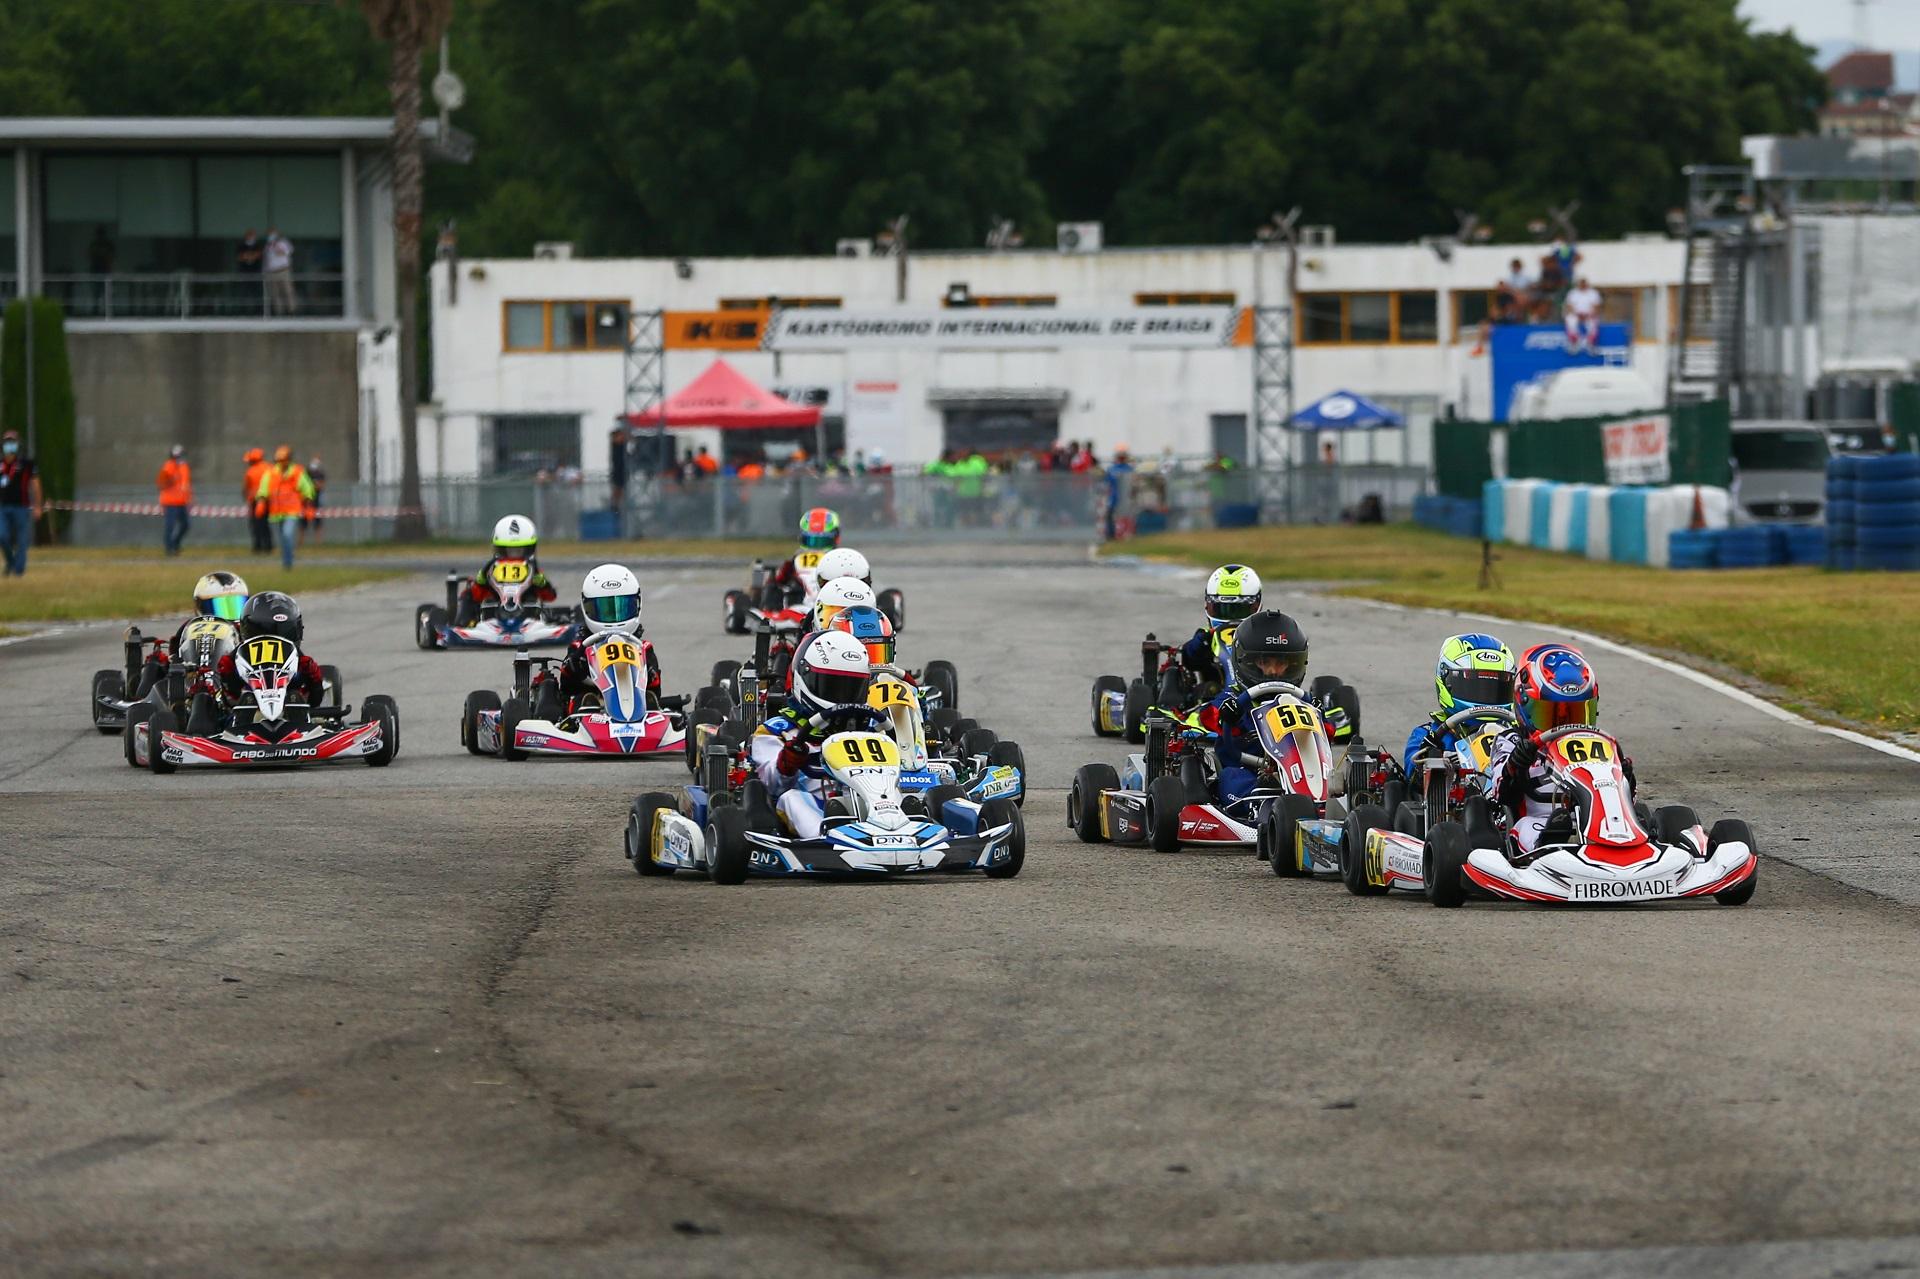 João Barros volta a vencer em Braga para o Troféu Rotax da categoria Micro-Max